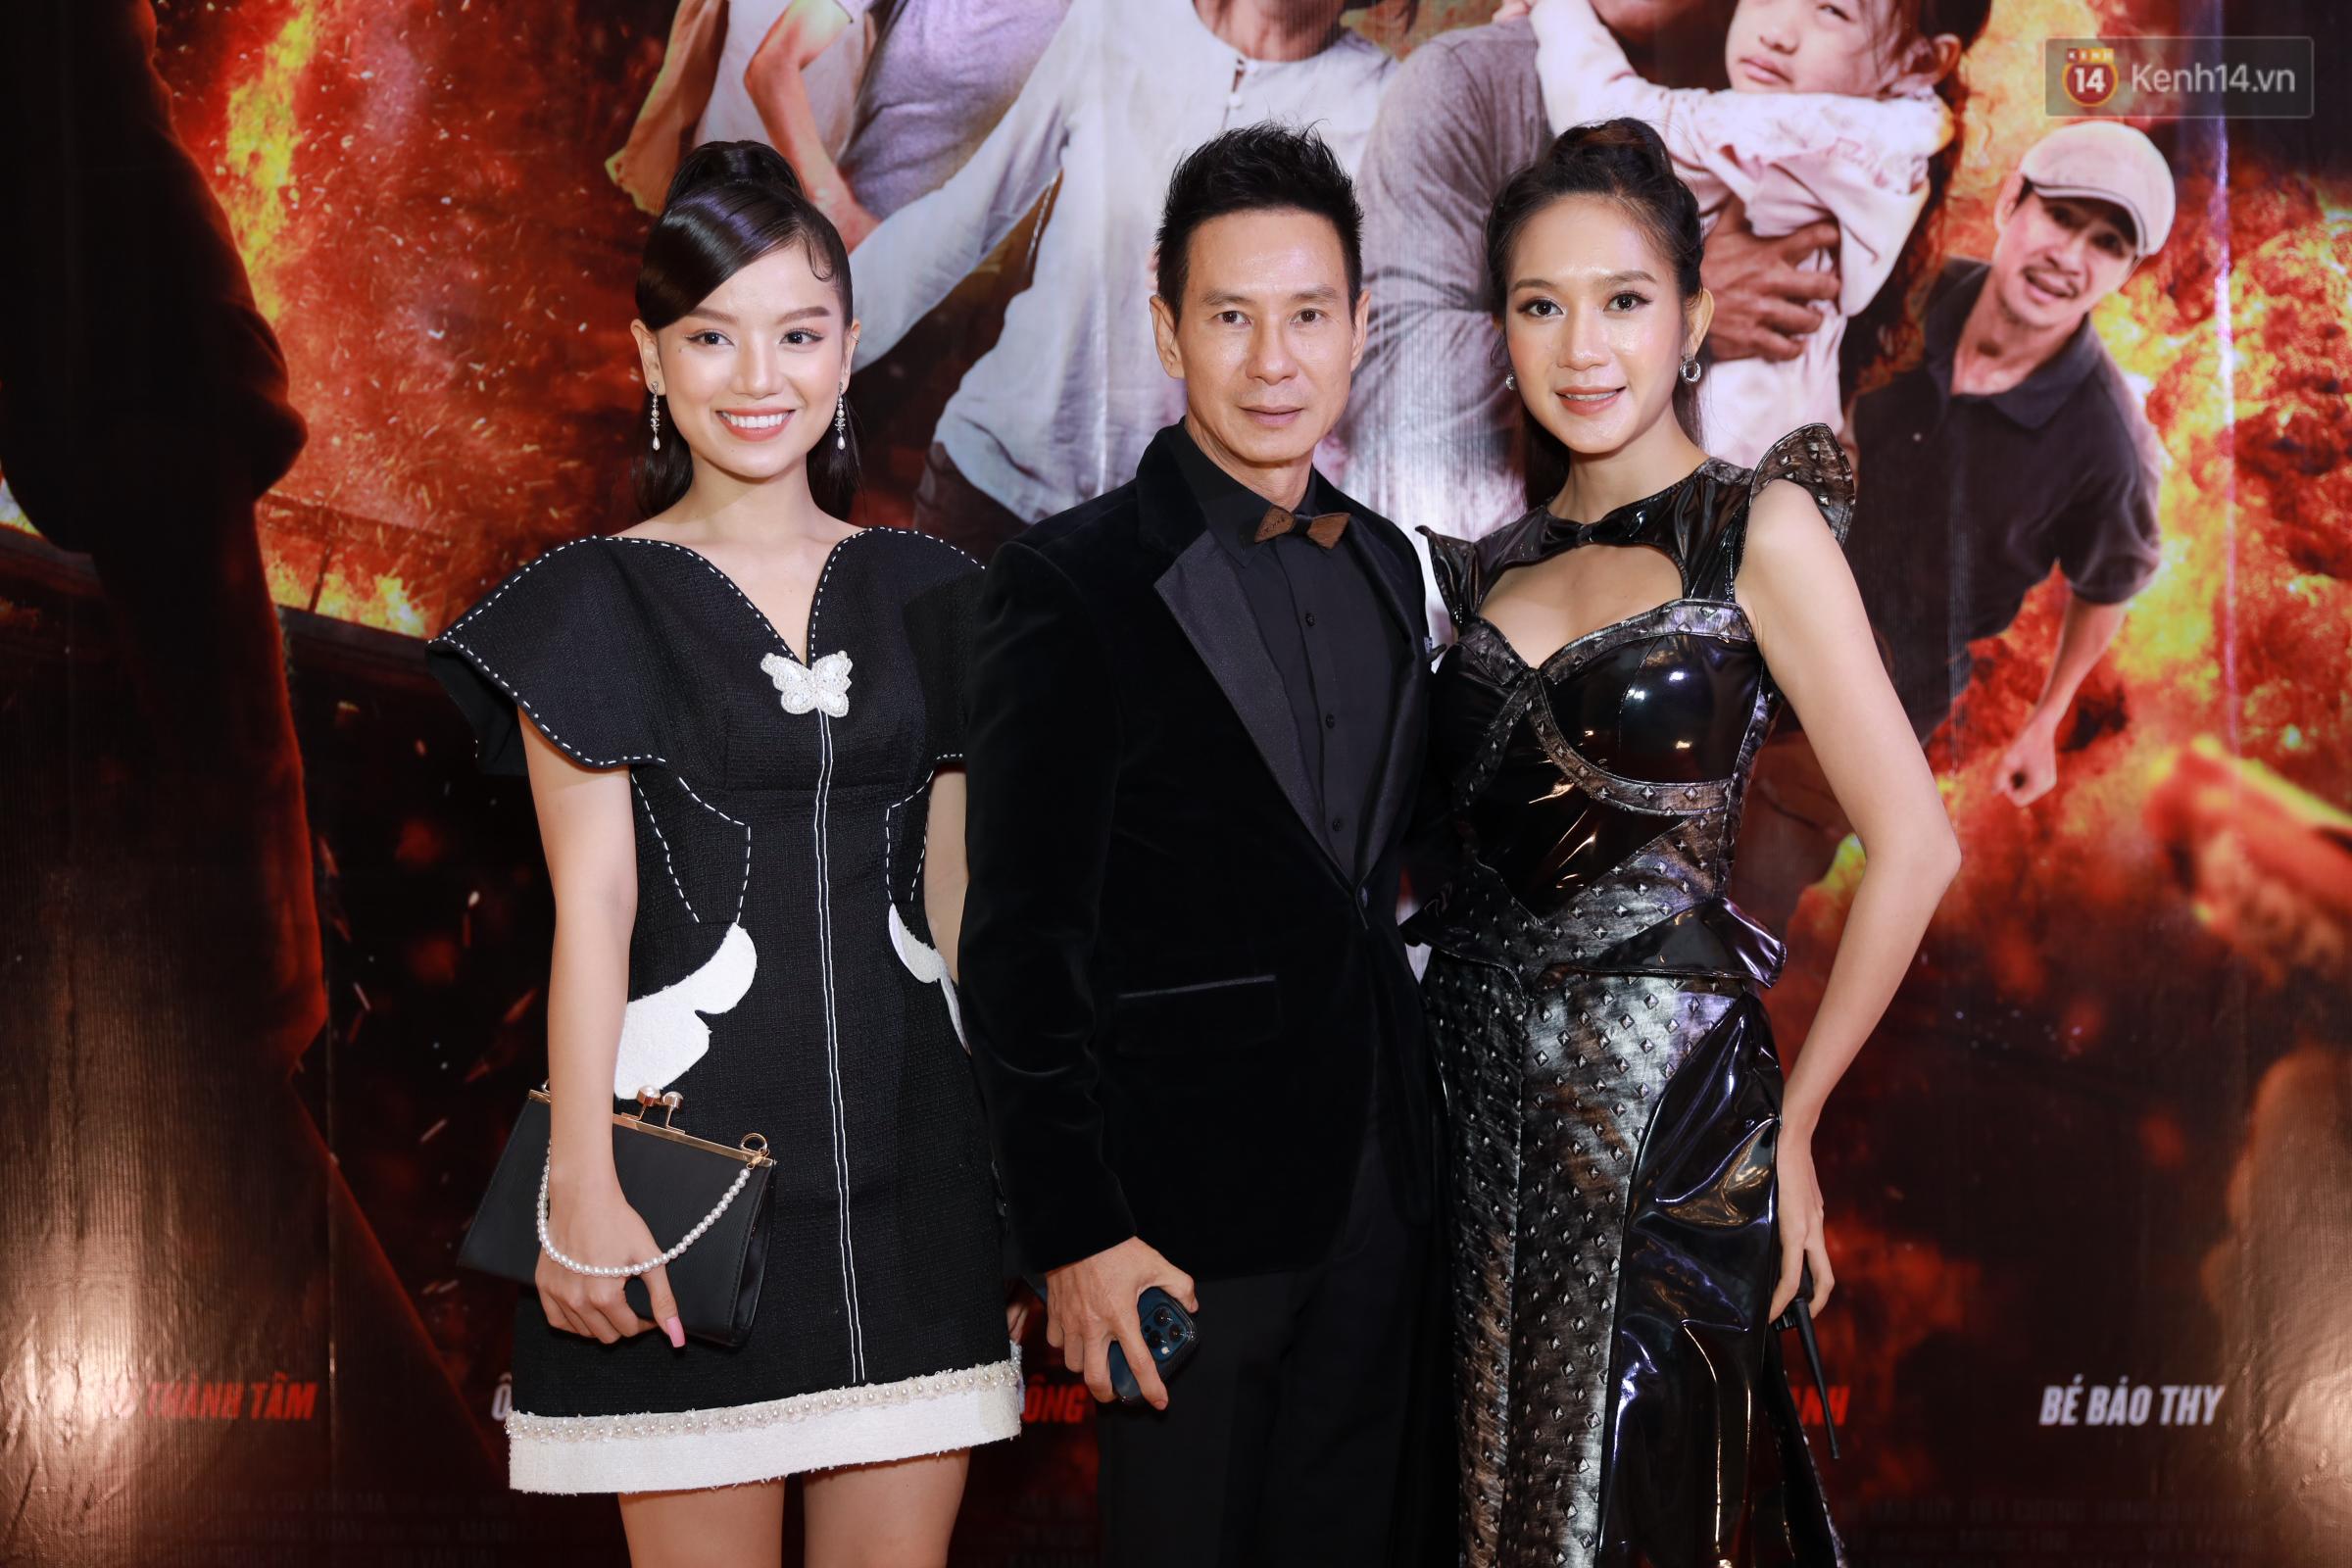 Mạc Văn Khoa xuất hiện ngọt ngào bên vợ mới cưới, bộ đôi Lý Hải - Minh Hà bám nhau tình tứ ở buổi ra mắt phim Tết Lật Mặt - Ảnh 6.